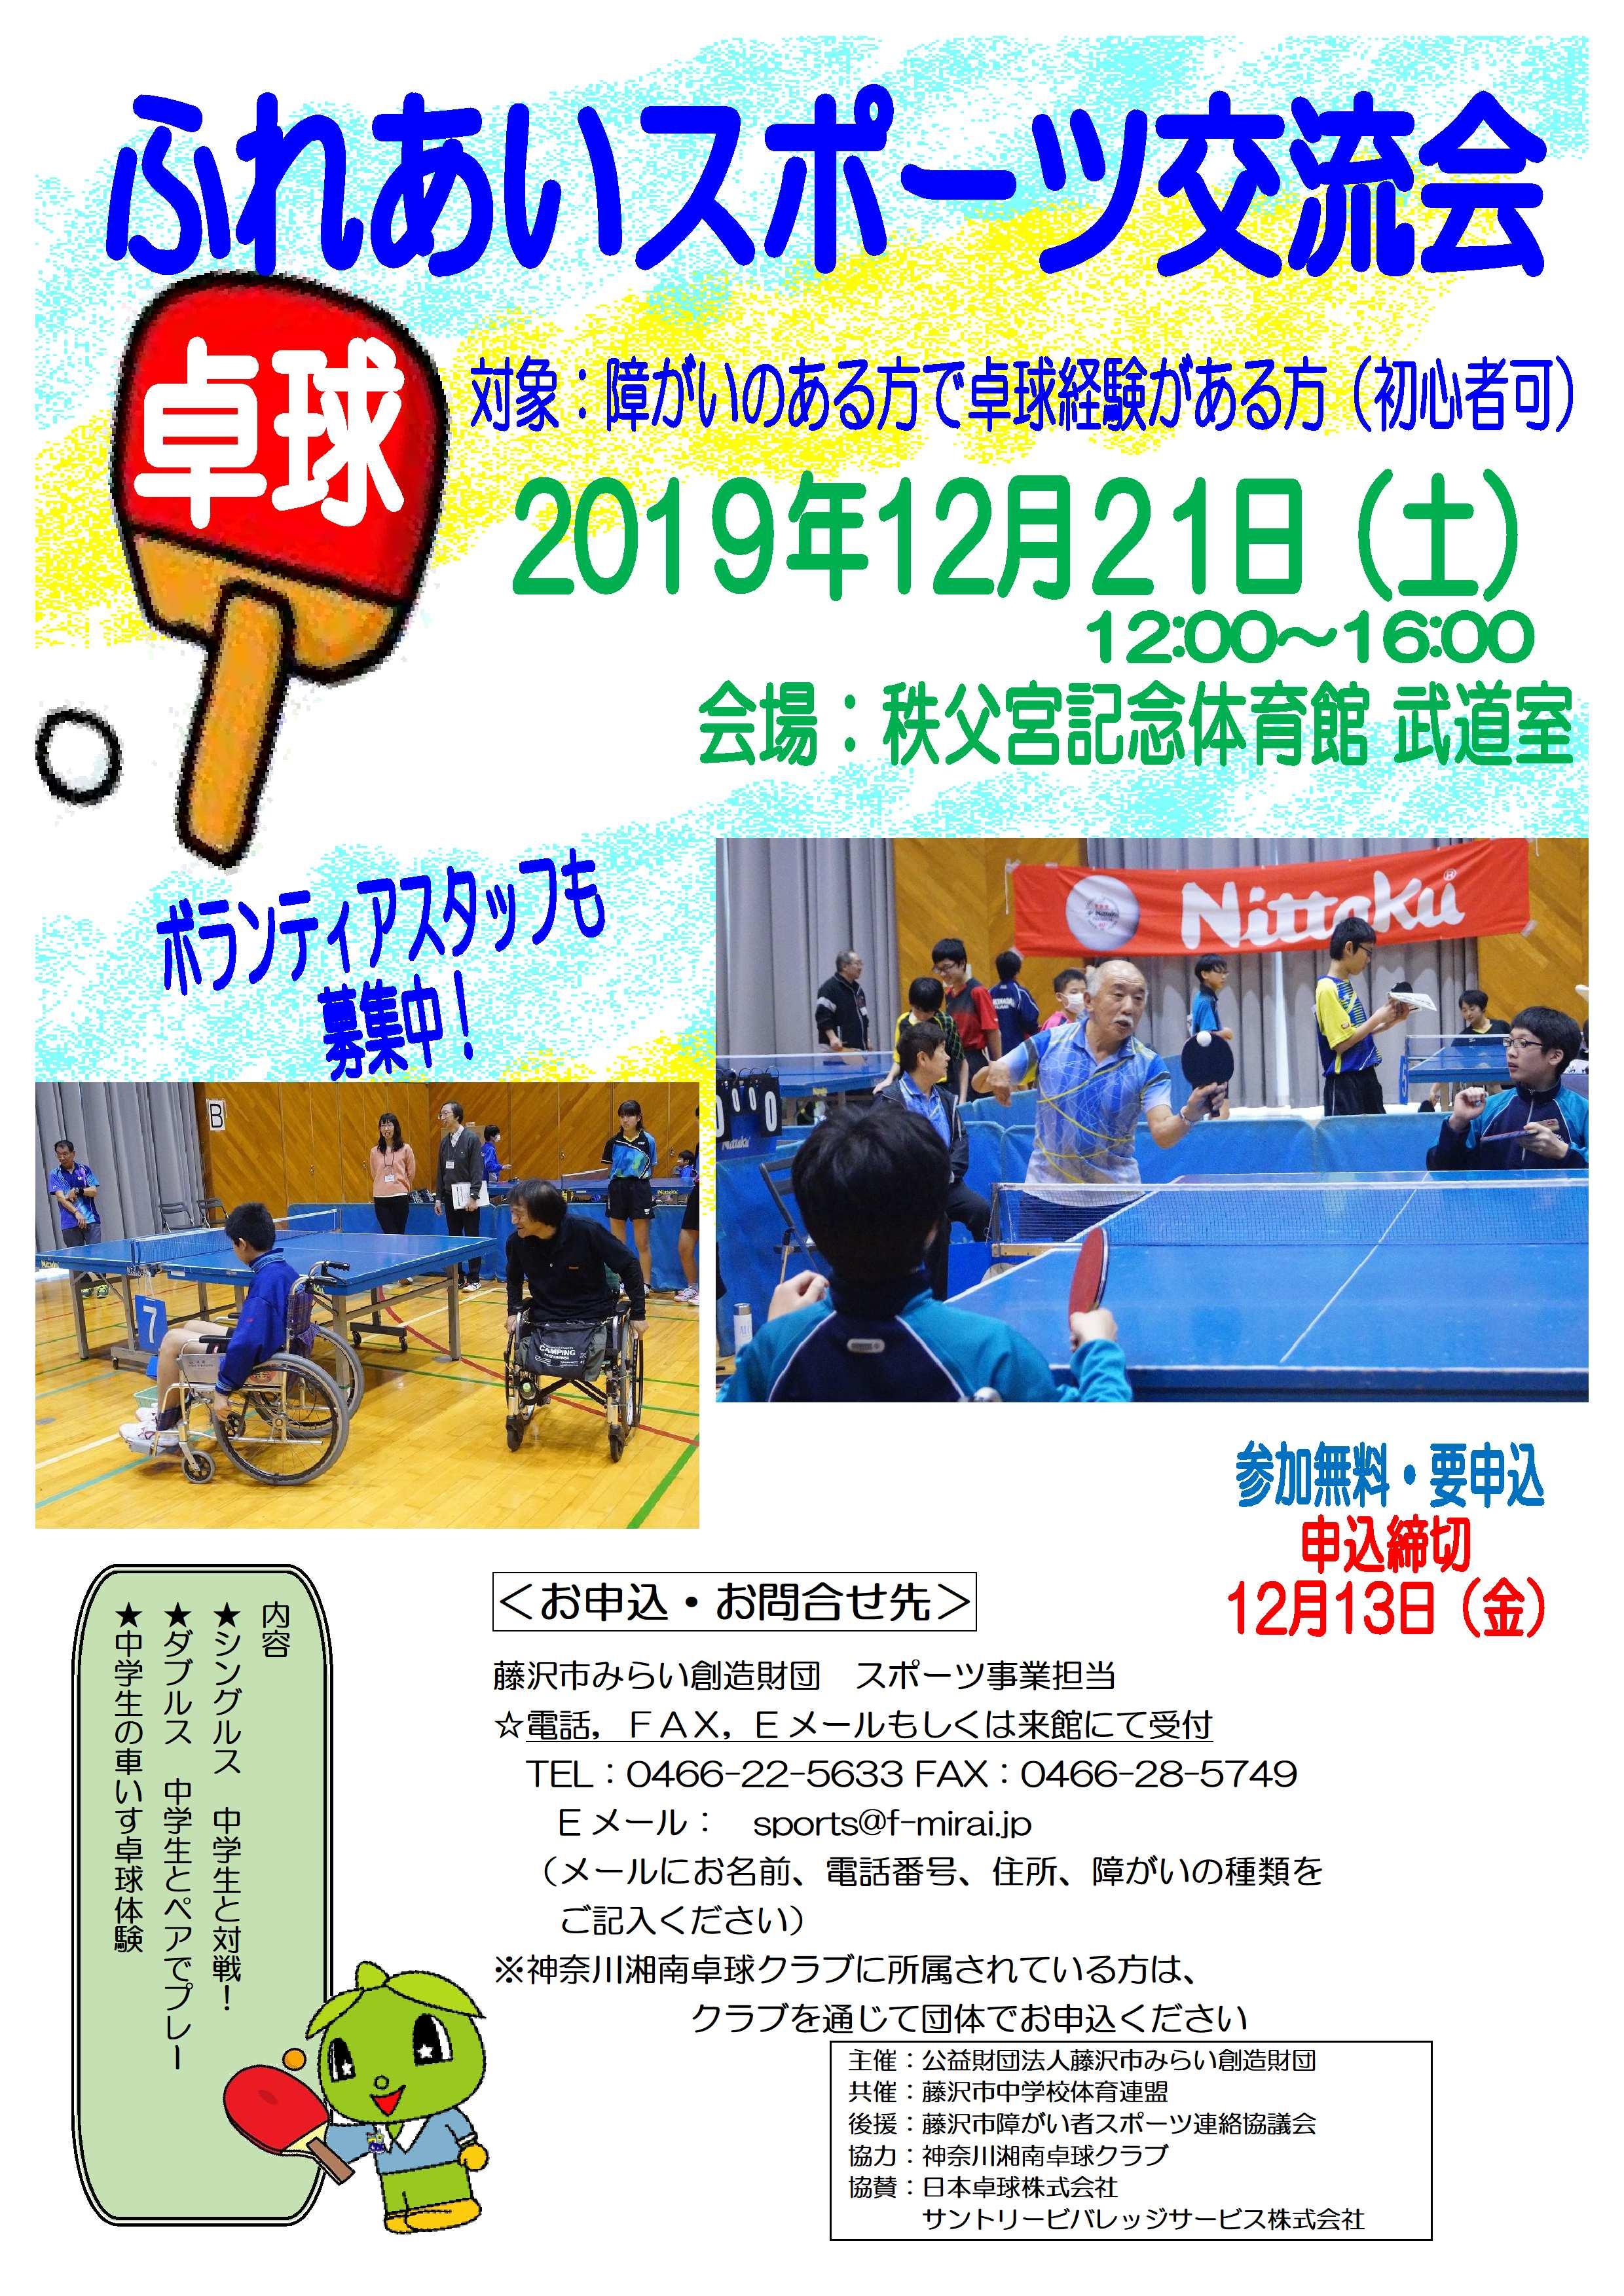 【クローズアップ】ふれあいスポーツ交流会 ~卓球